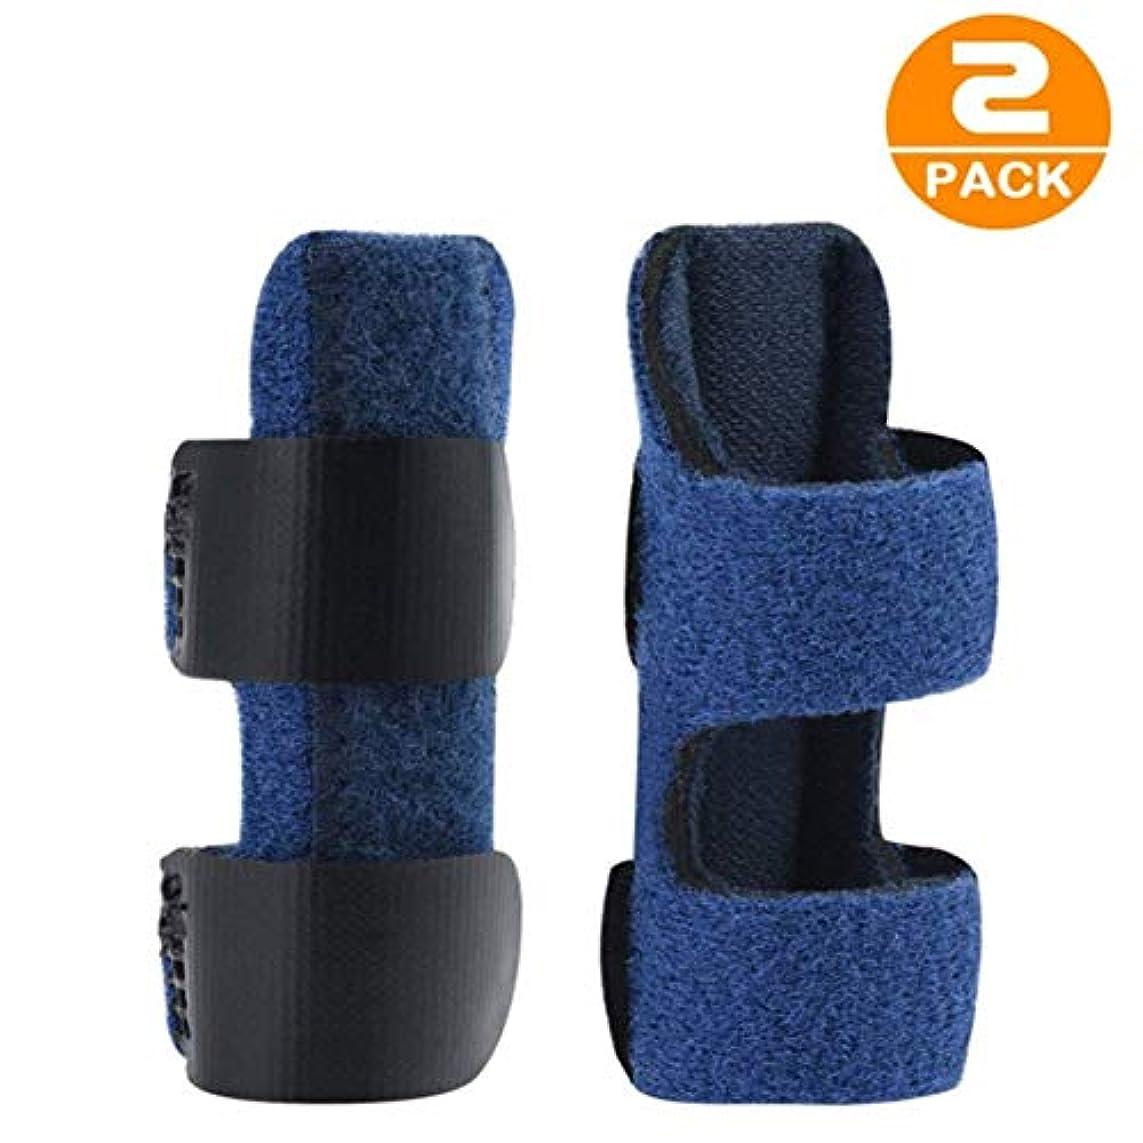 価値仲間期限スプリントの痛みを軽減コレクターブレース捻挫転位骨折固定ばね指添え木調整傾きサポート(2パック)